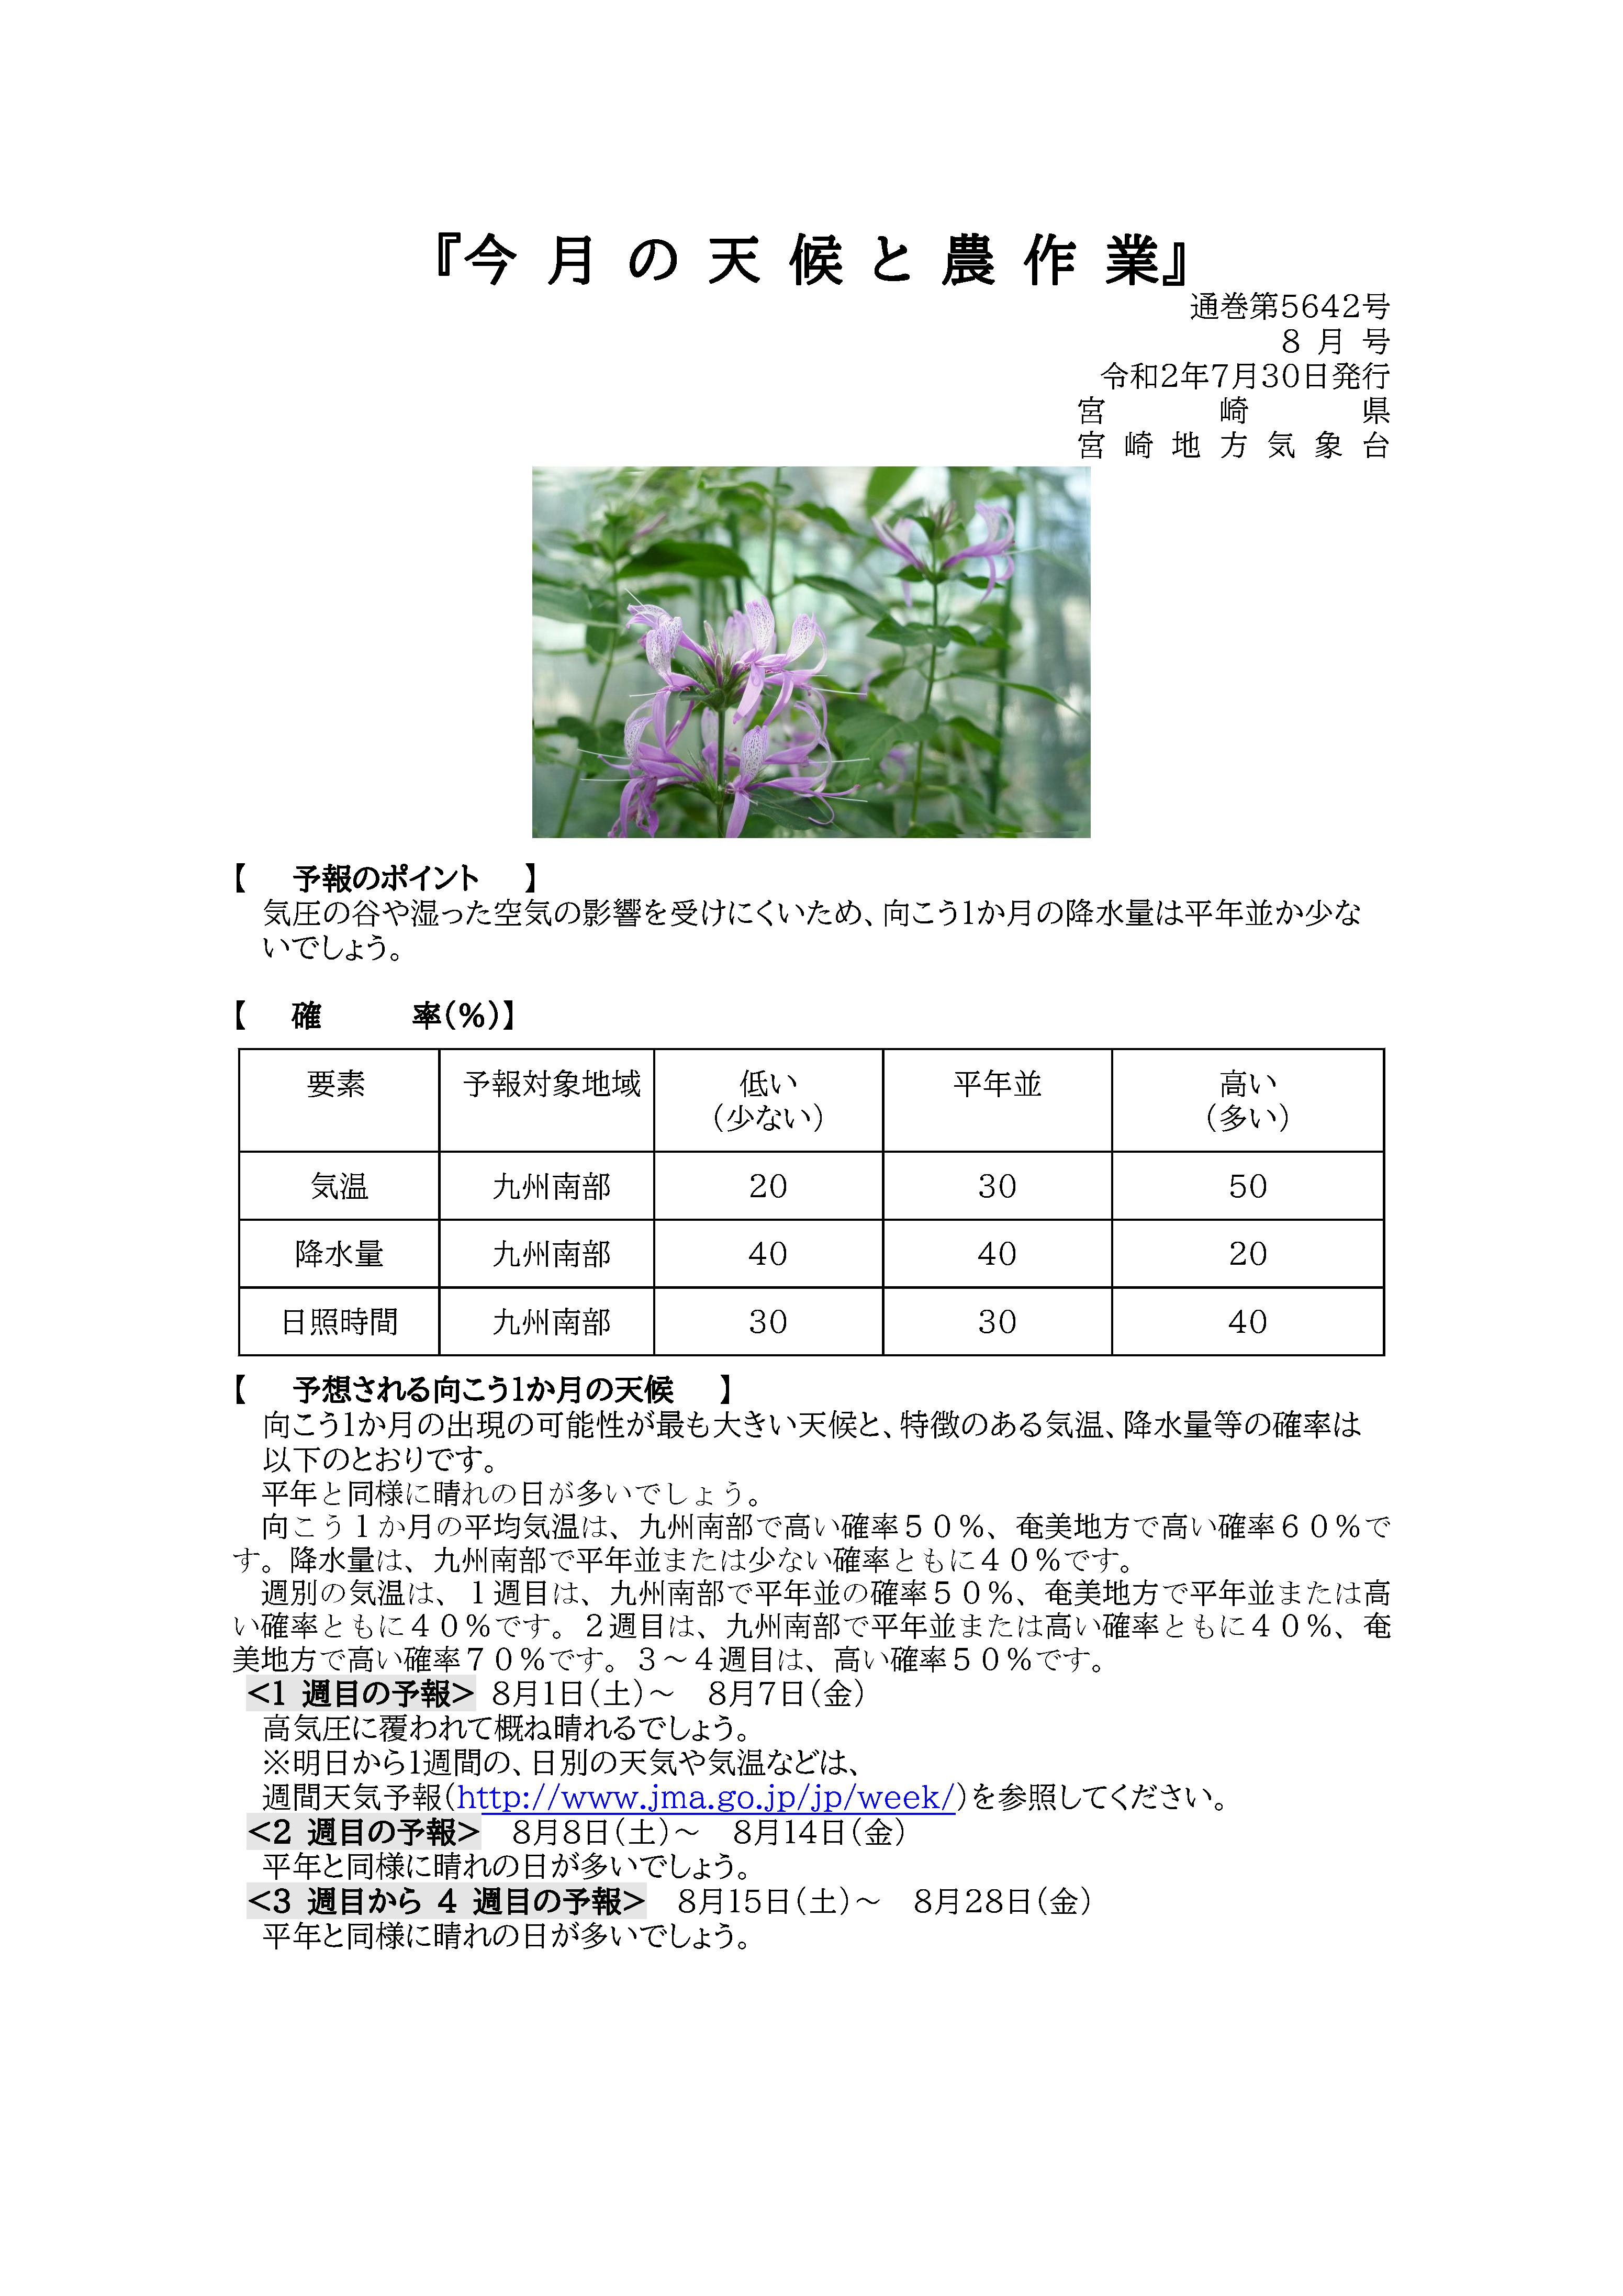 今月の天候と農作業2020年8月版